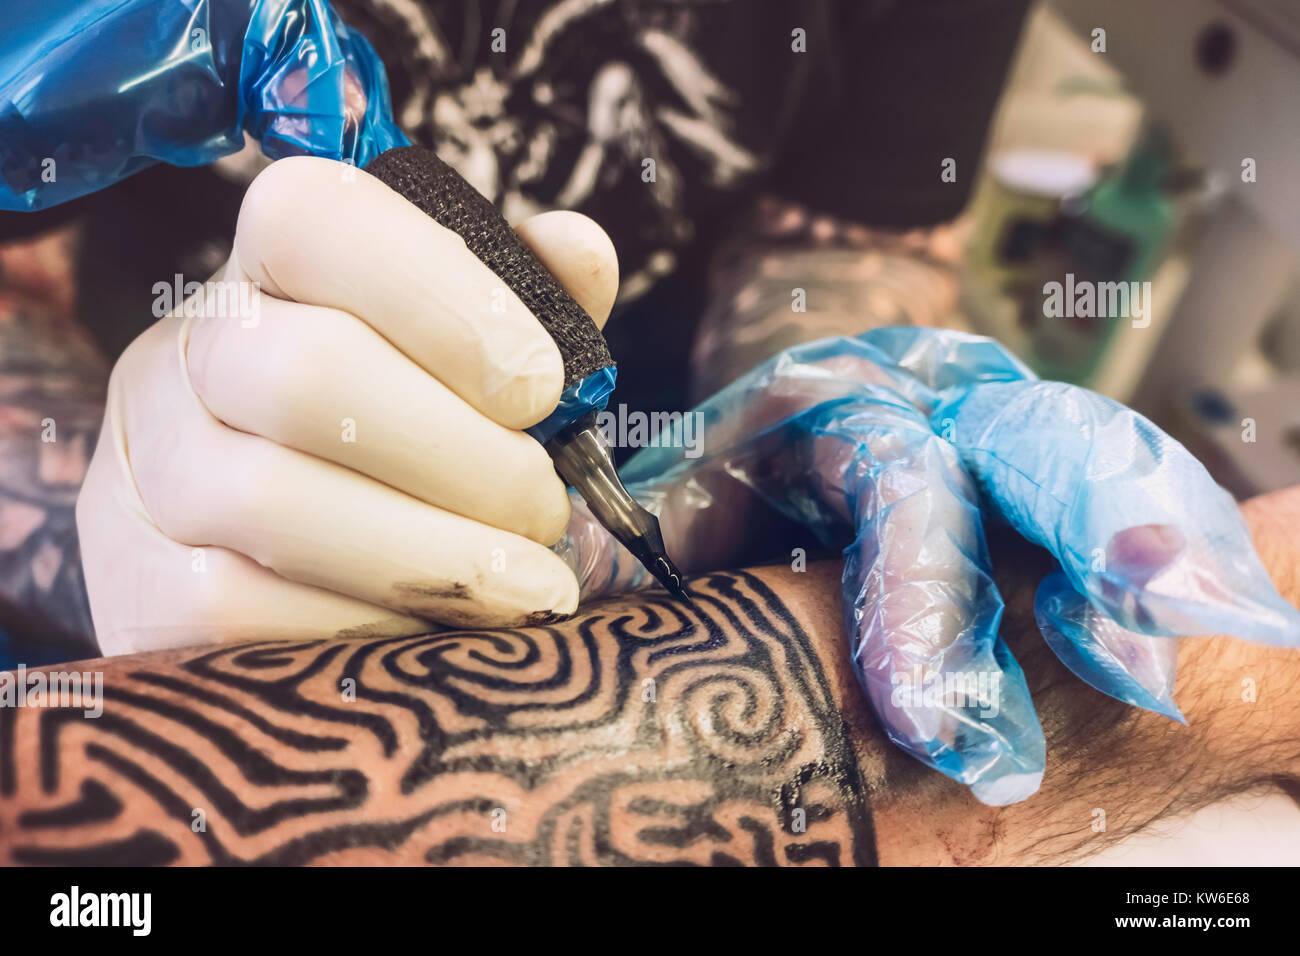 Close-up de un profesional con guantes tattooist tatuaje de un diseño tribal en el antebrazo izquierdo de un cliente, Foto de stock